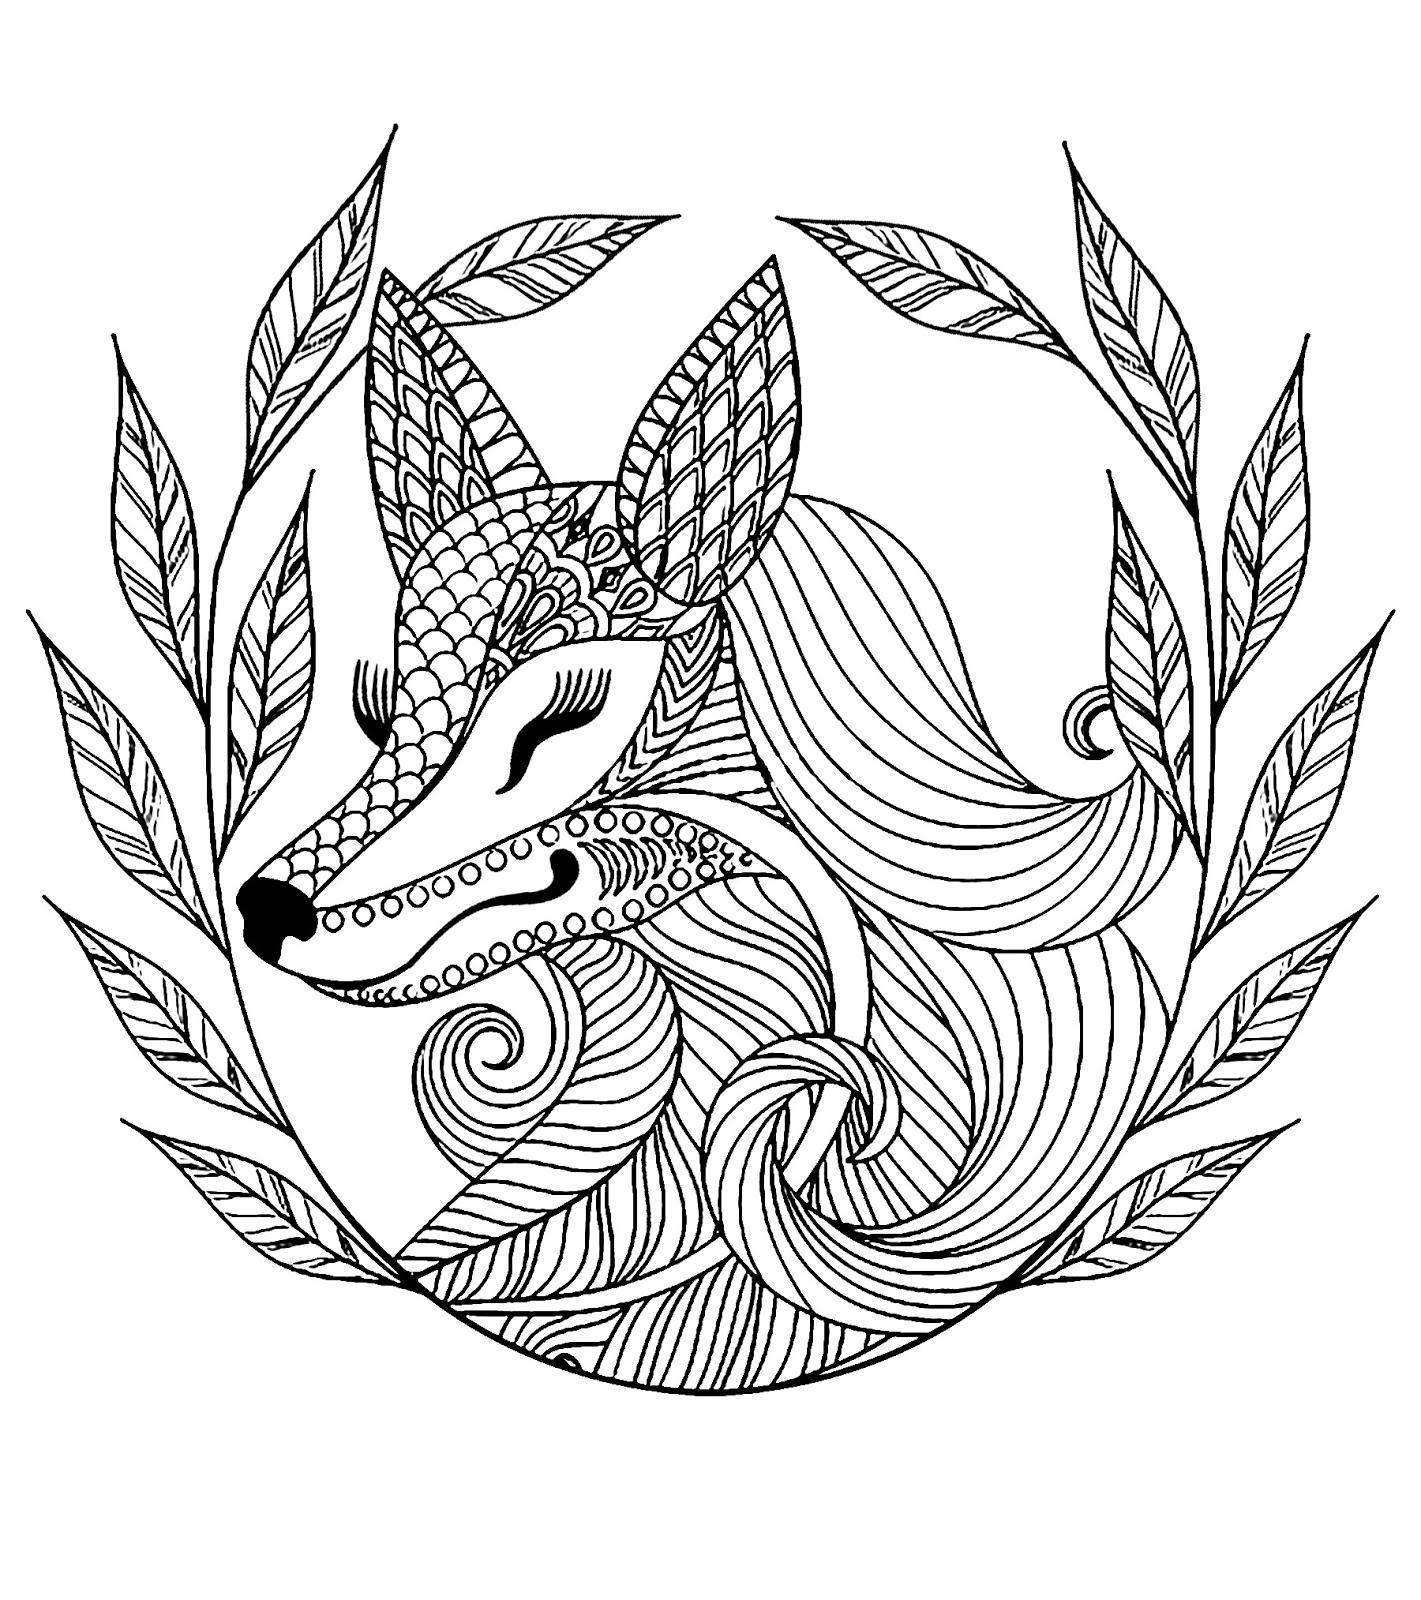 Tranh tô màu con cáo họa tiết